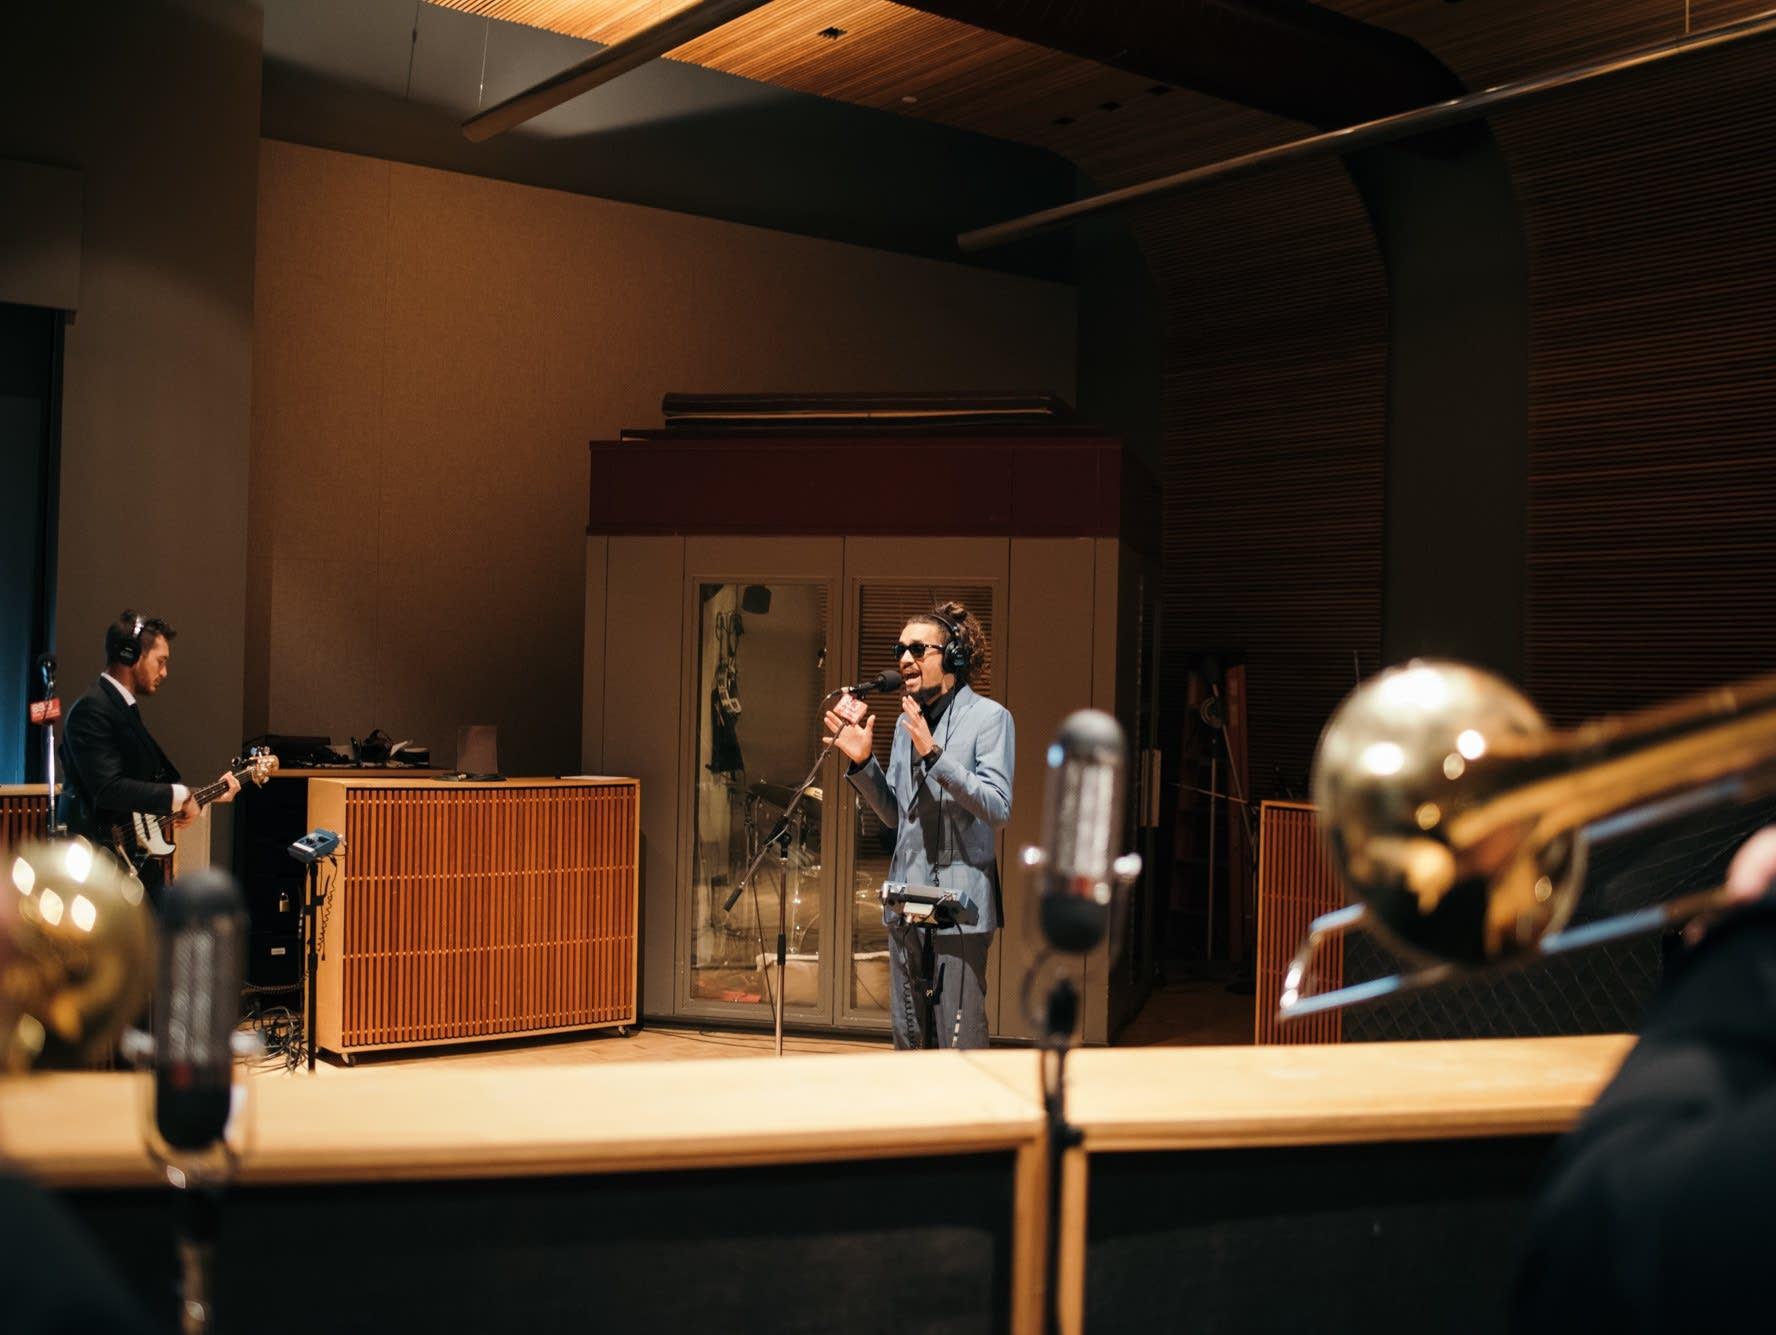 Nooky Jones perform in The Current's studio